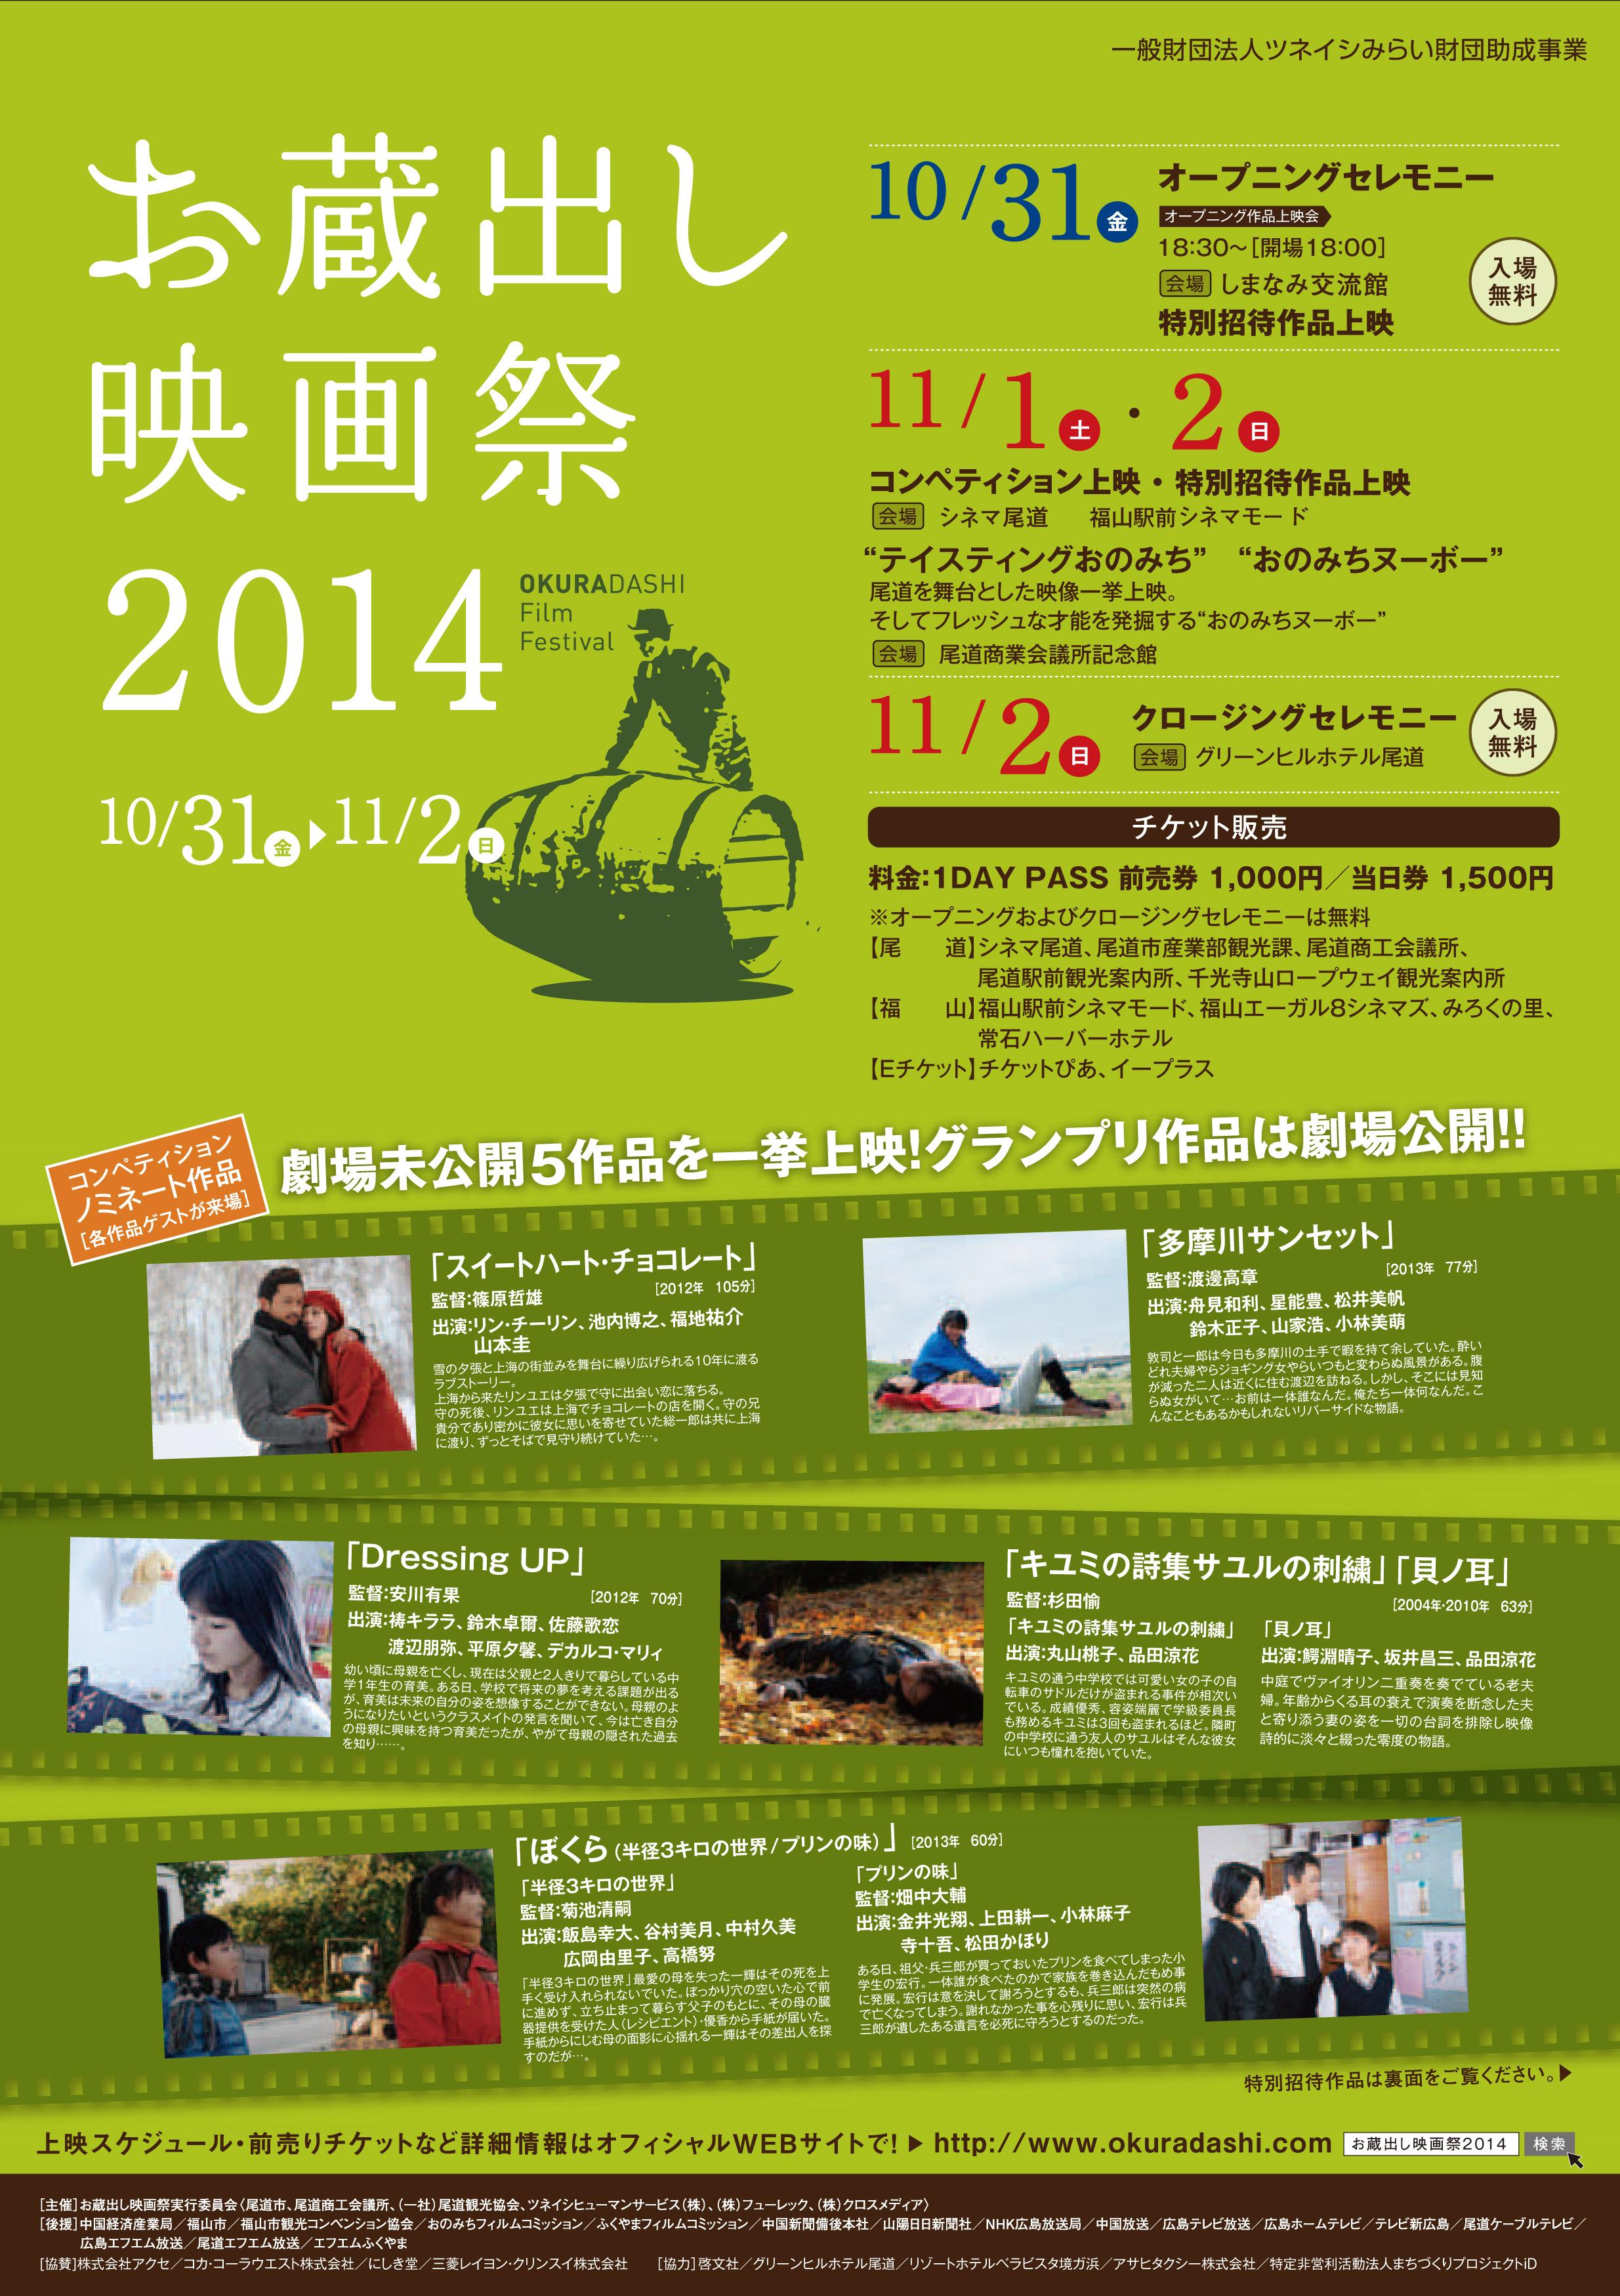 【10/31-11/2開催】映画のまち尾道・福山を拠点に「お蔵出し映画祭」で地域活性~ツネイシみらい財団